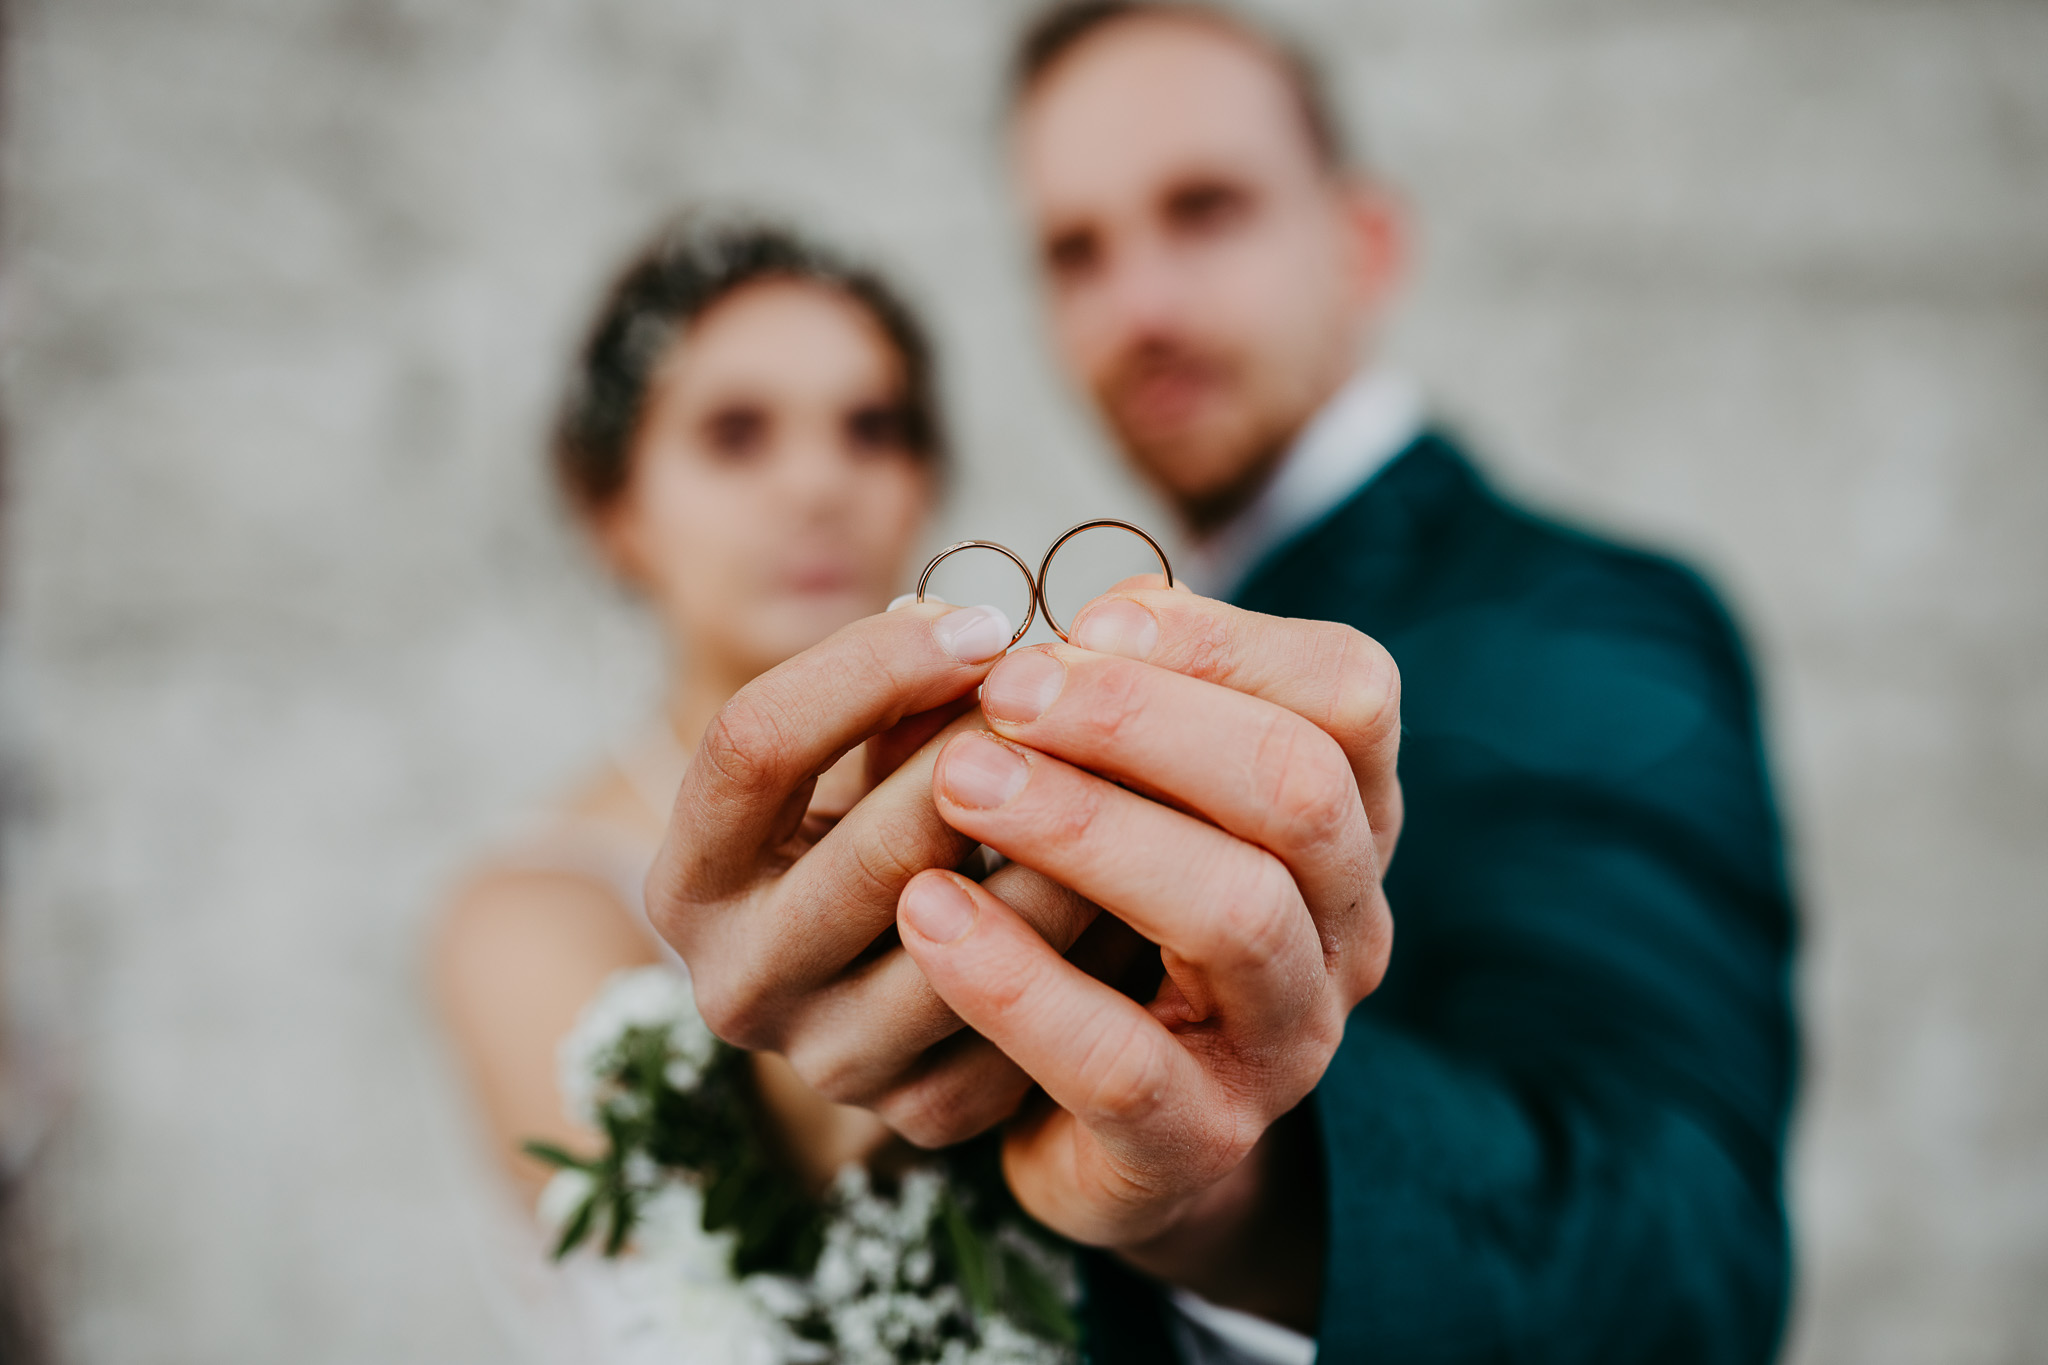 hochzeit-heiraten-in-hannover-hochzeitsfotograf-philipp-schroeder-donphilipe-13